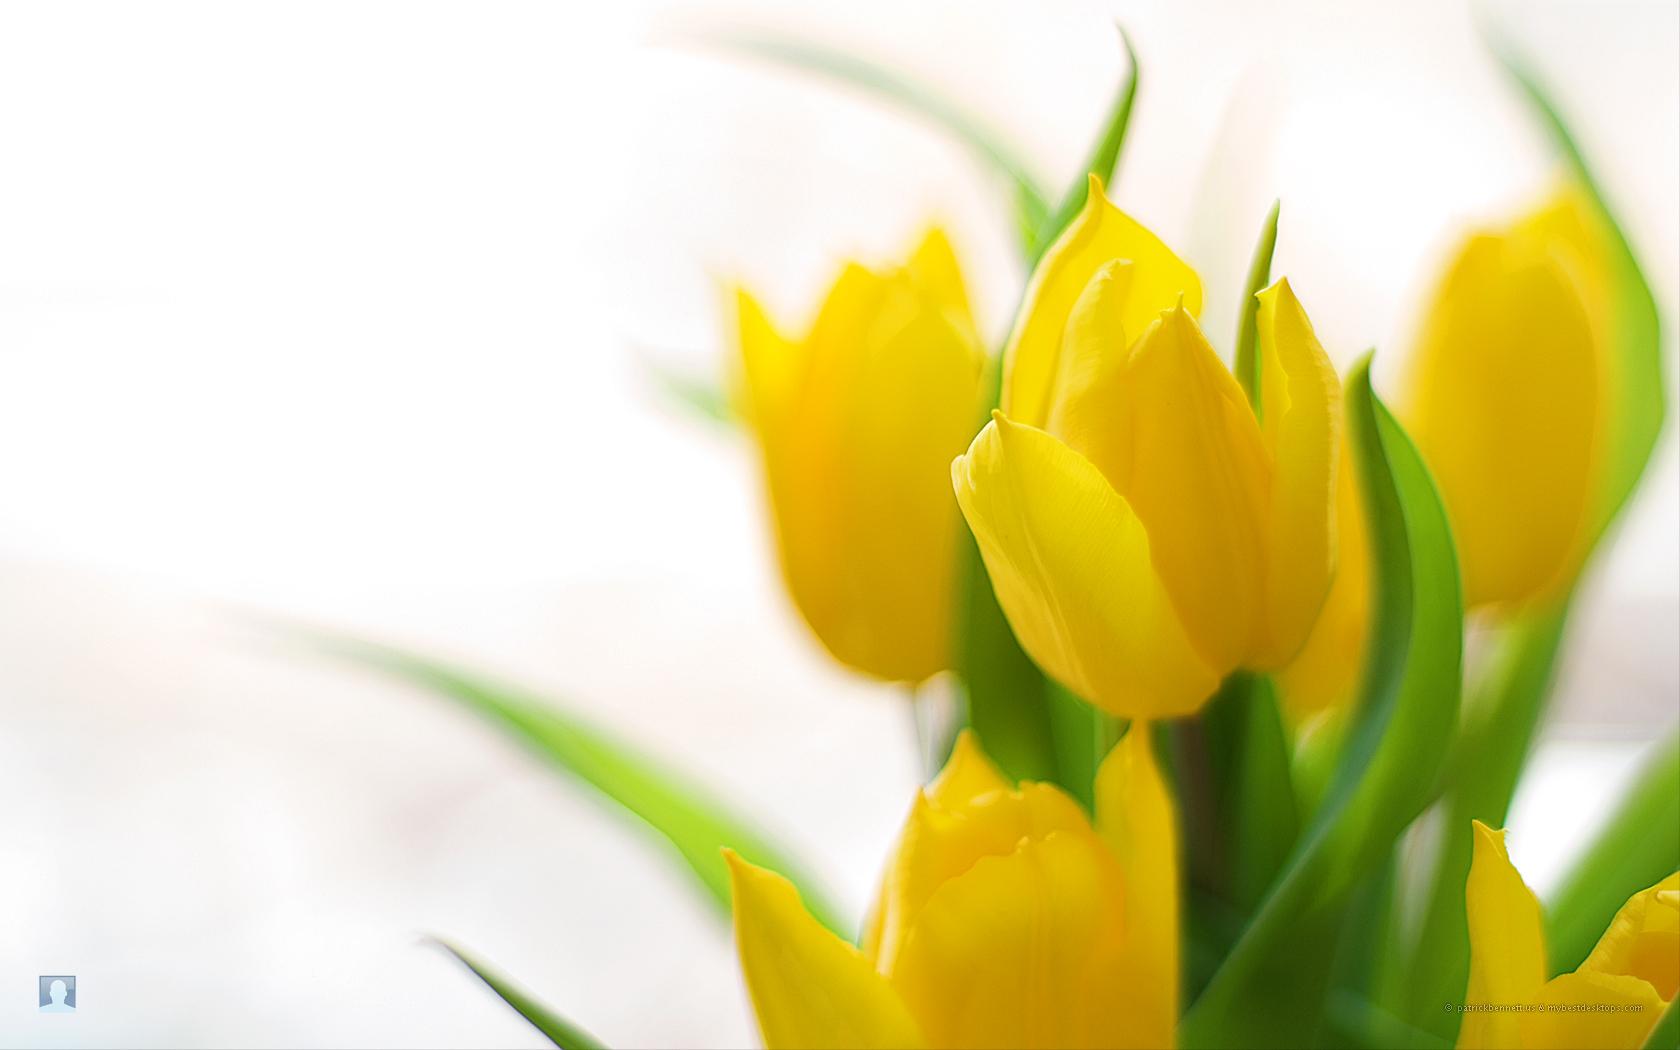 Spring flowers 51 burton tv news burton tv news spring flowers 51 mightylinksfo